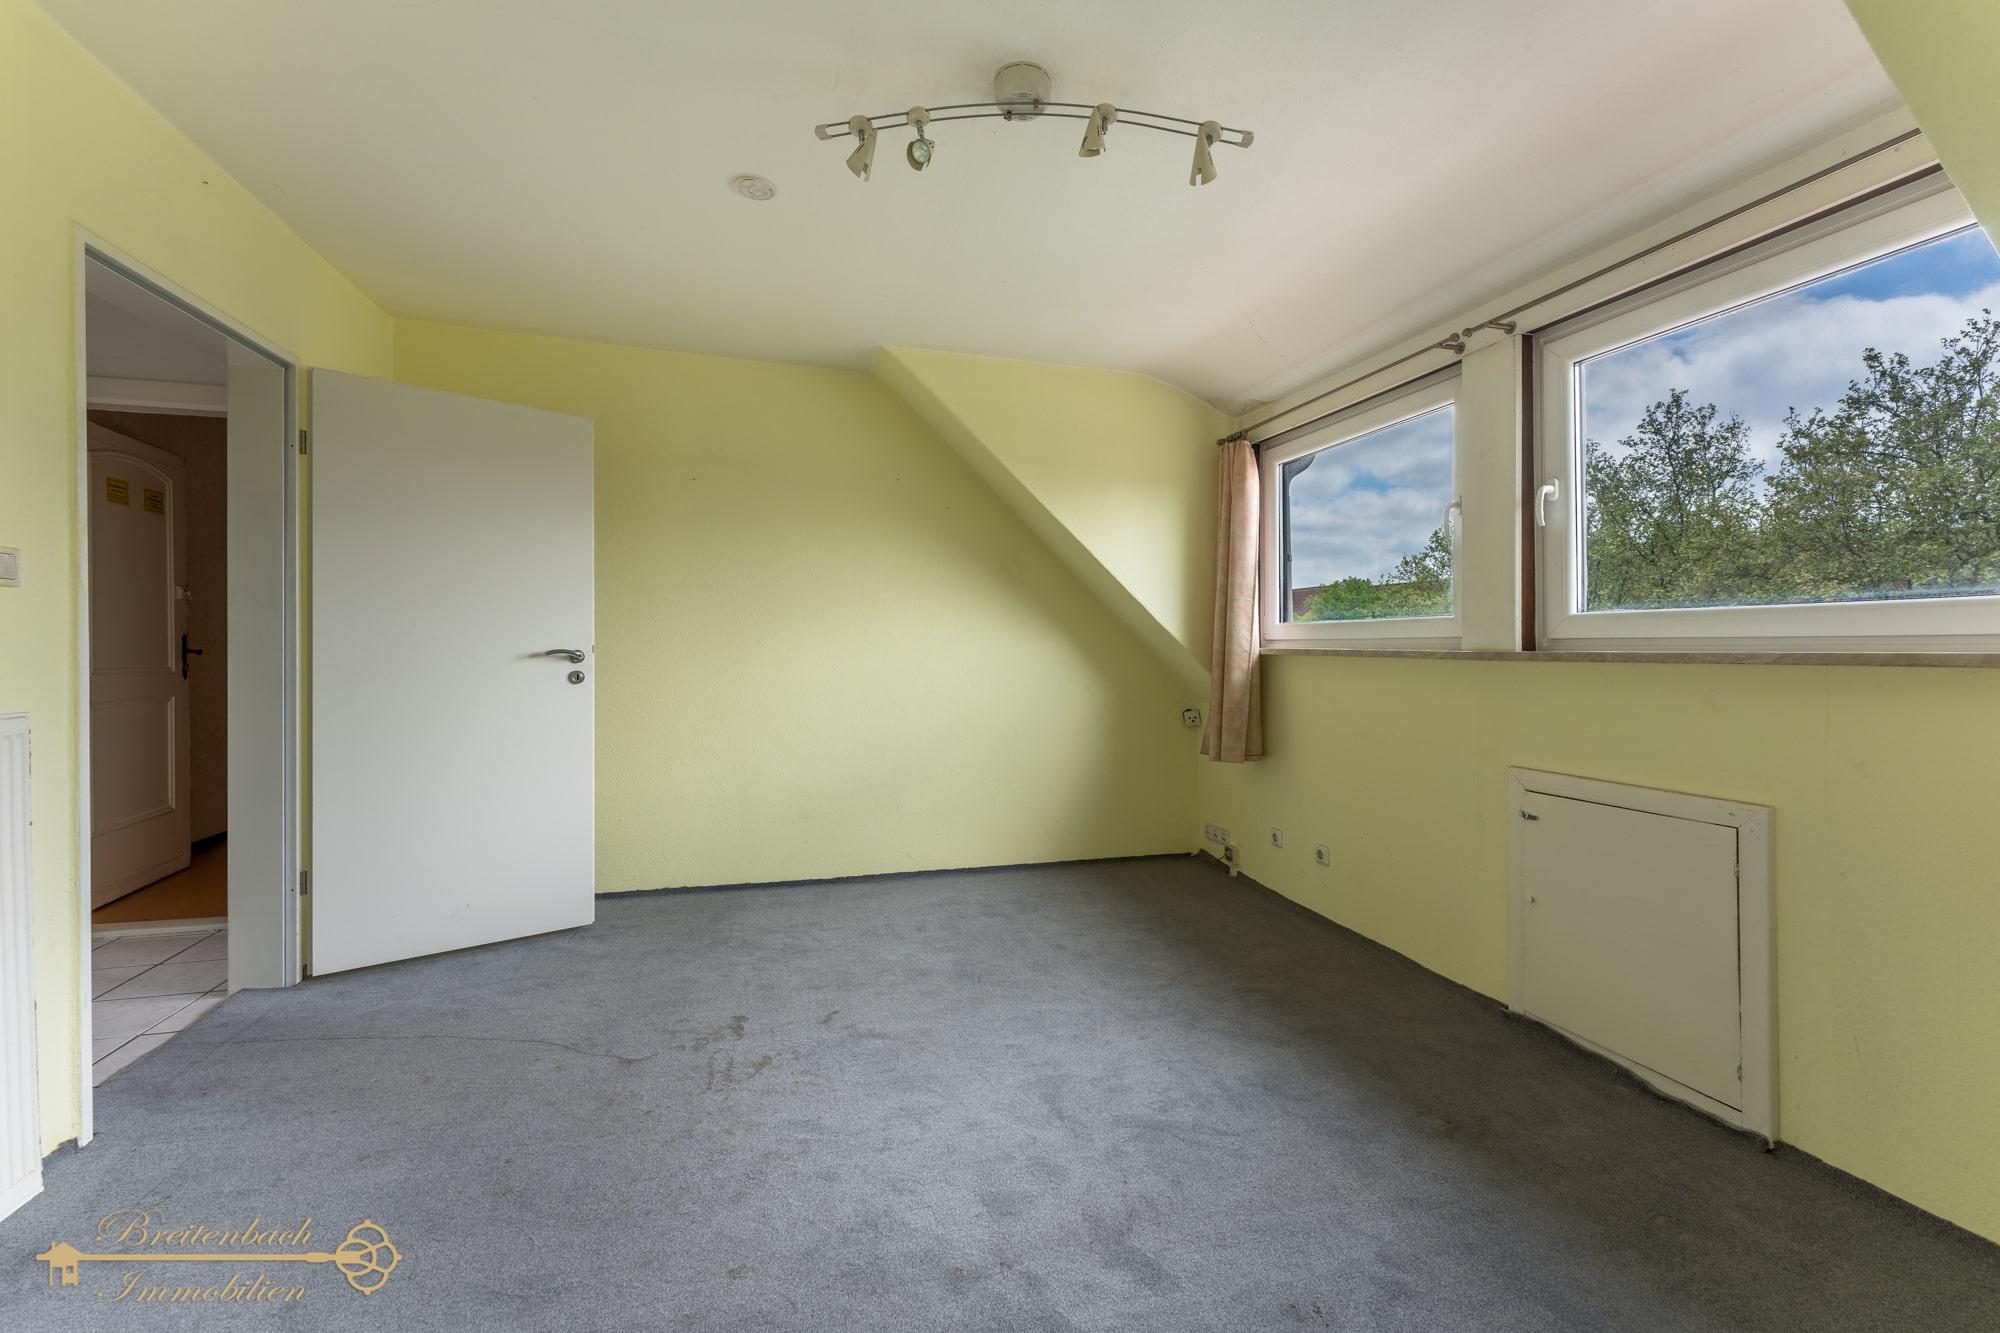 2021-05-29-Breitenbach-Immobilien-Makler-Bremen-2-min